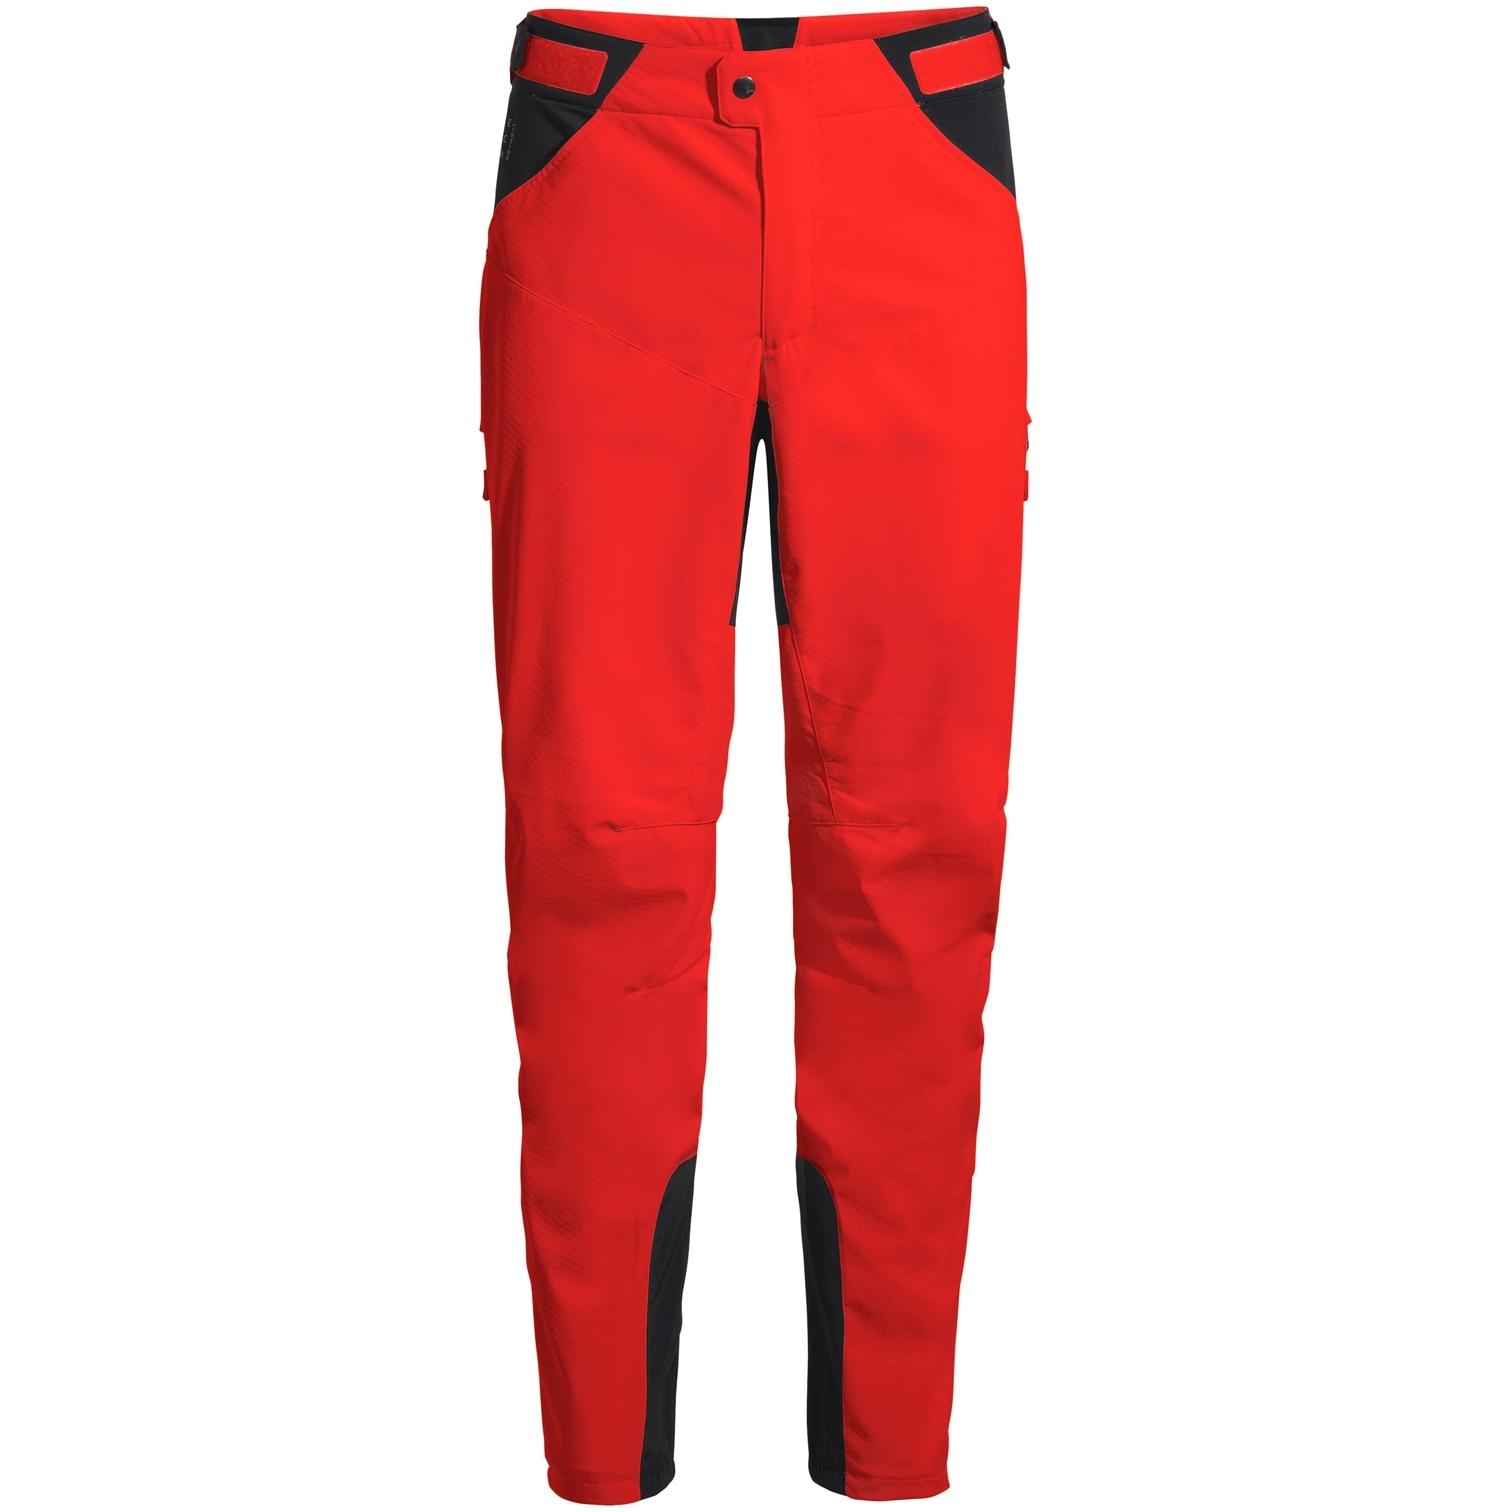 Vaude Qimsa Softshell Pantalones II - mars red